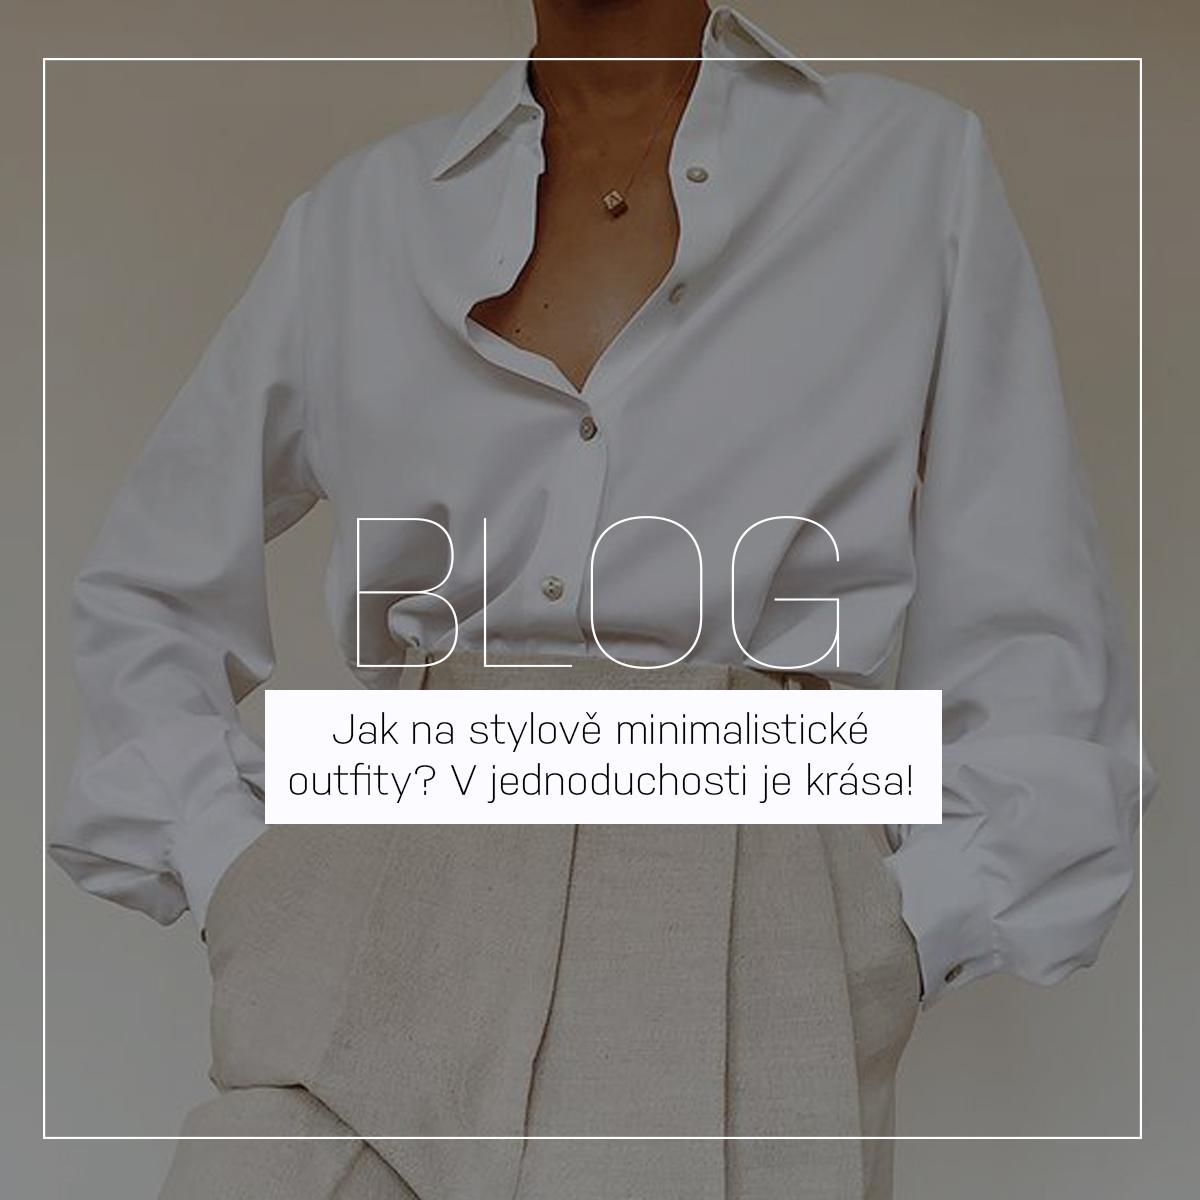 Inspirace: Jak na stylově minimalistické outfity? | V jednoduchosti je krása.